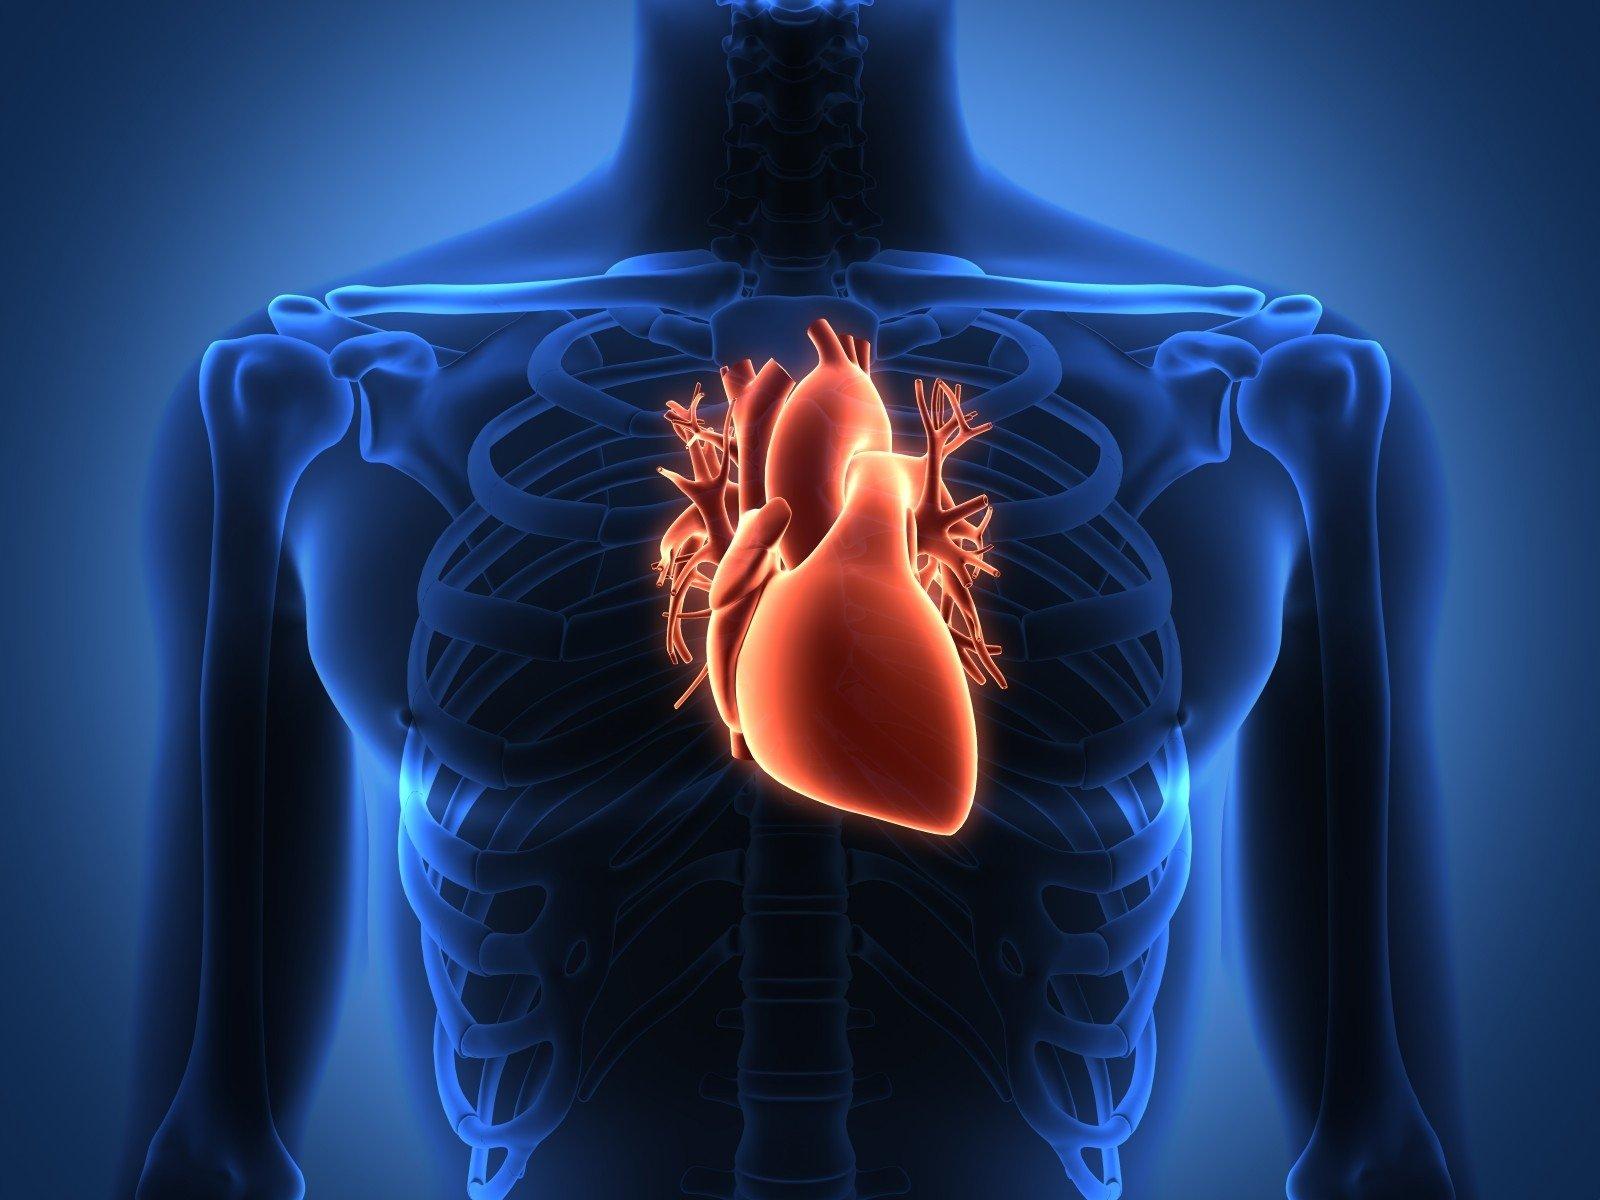 širdies ligų ir insulto pasaulio sveikatos organizacijos atlasas geriausia natūrali širdies sveikata